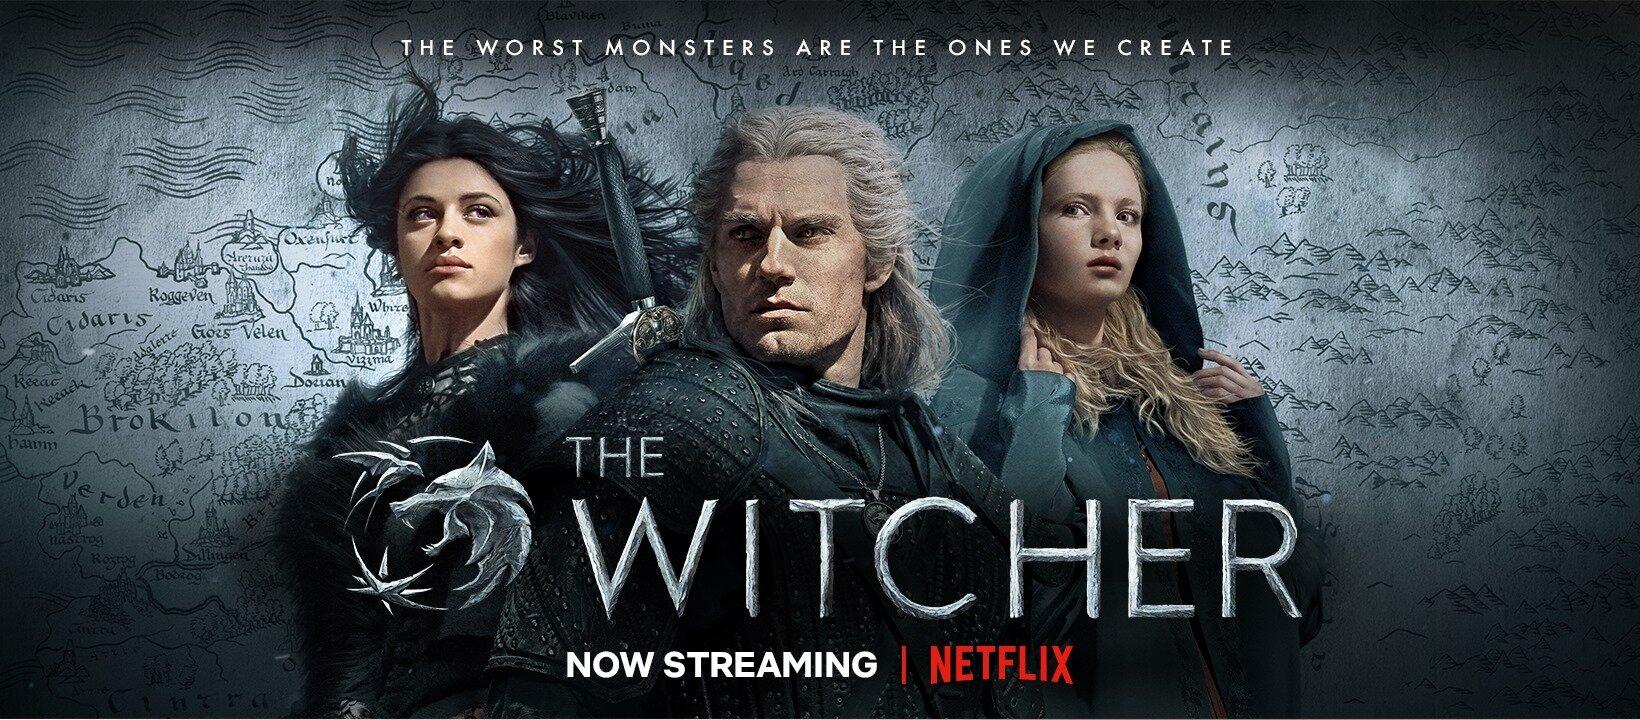 The Witcher - самый популярный сериал Netflix